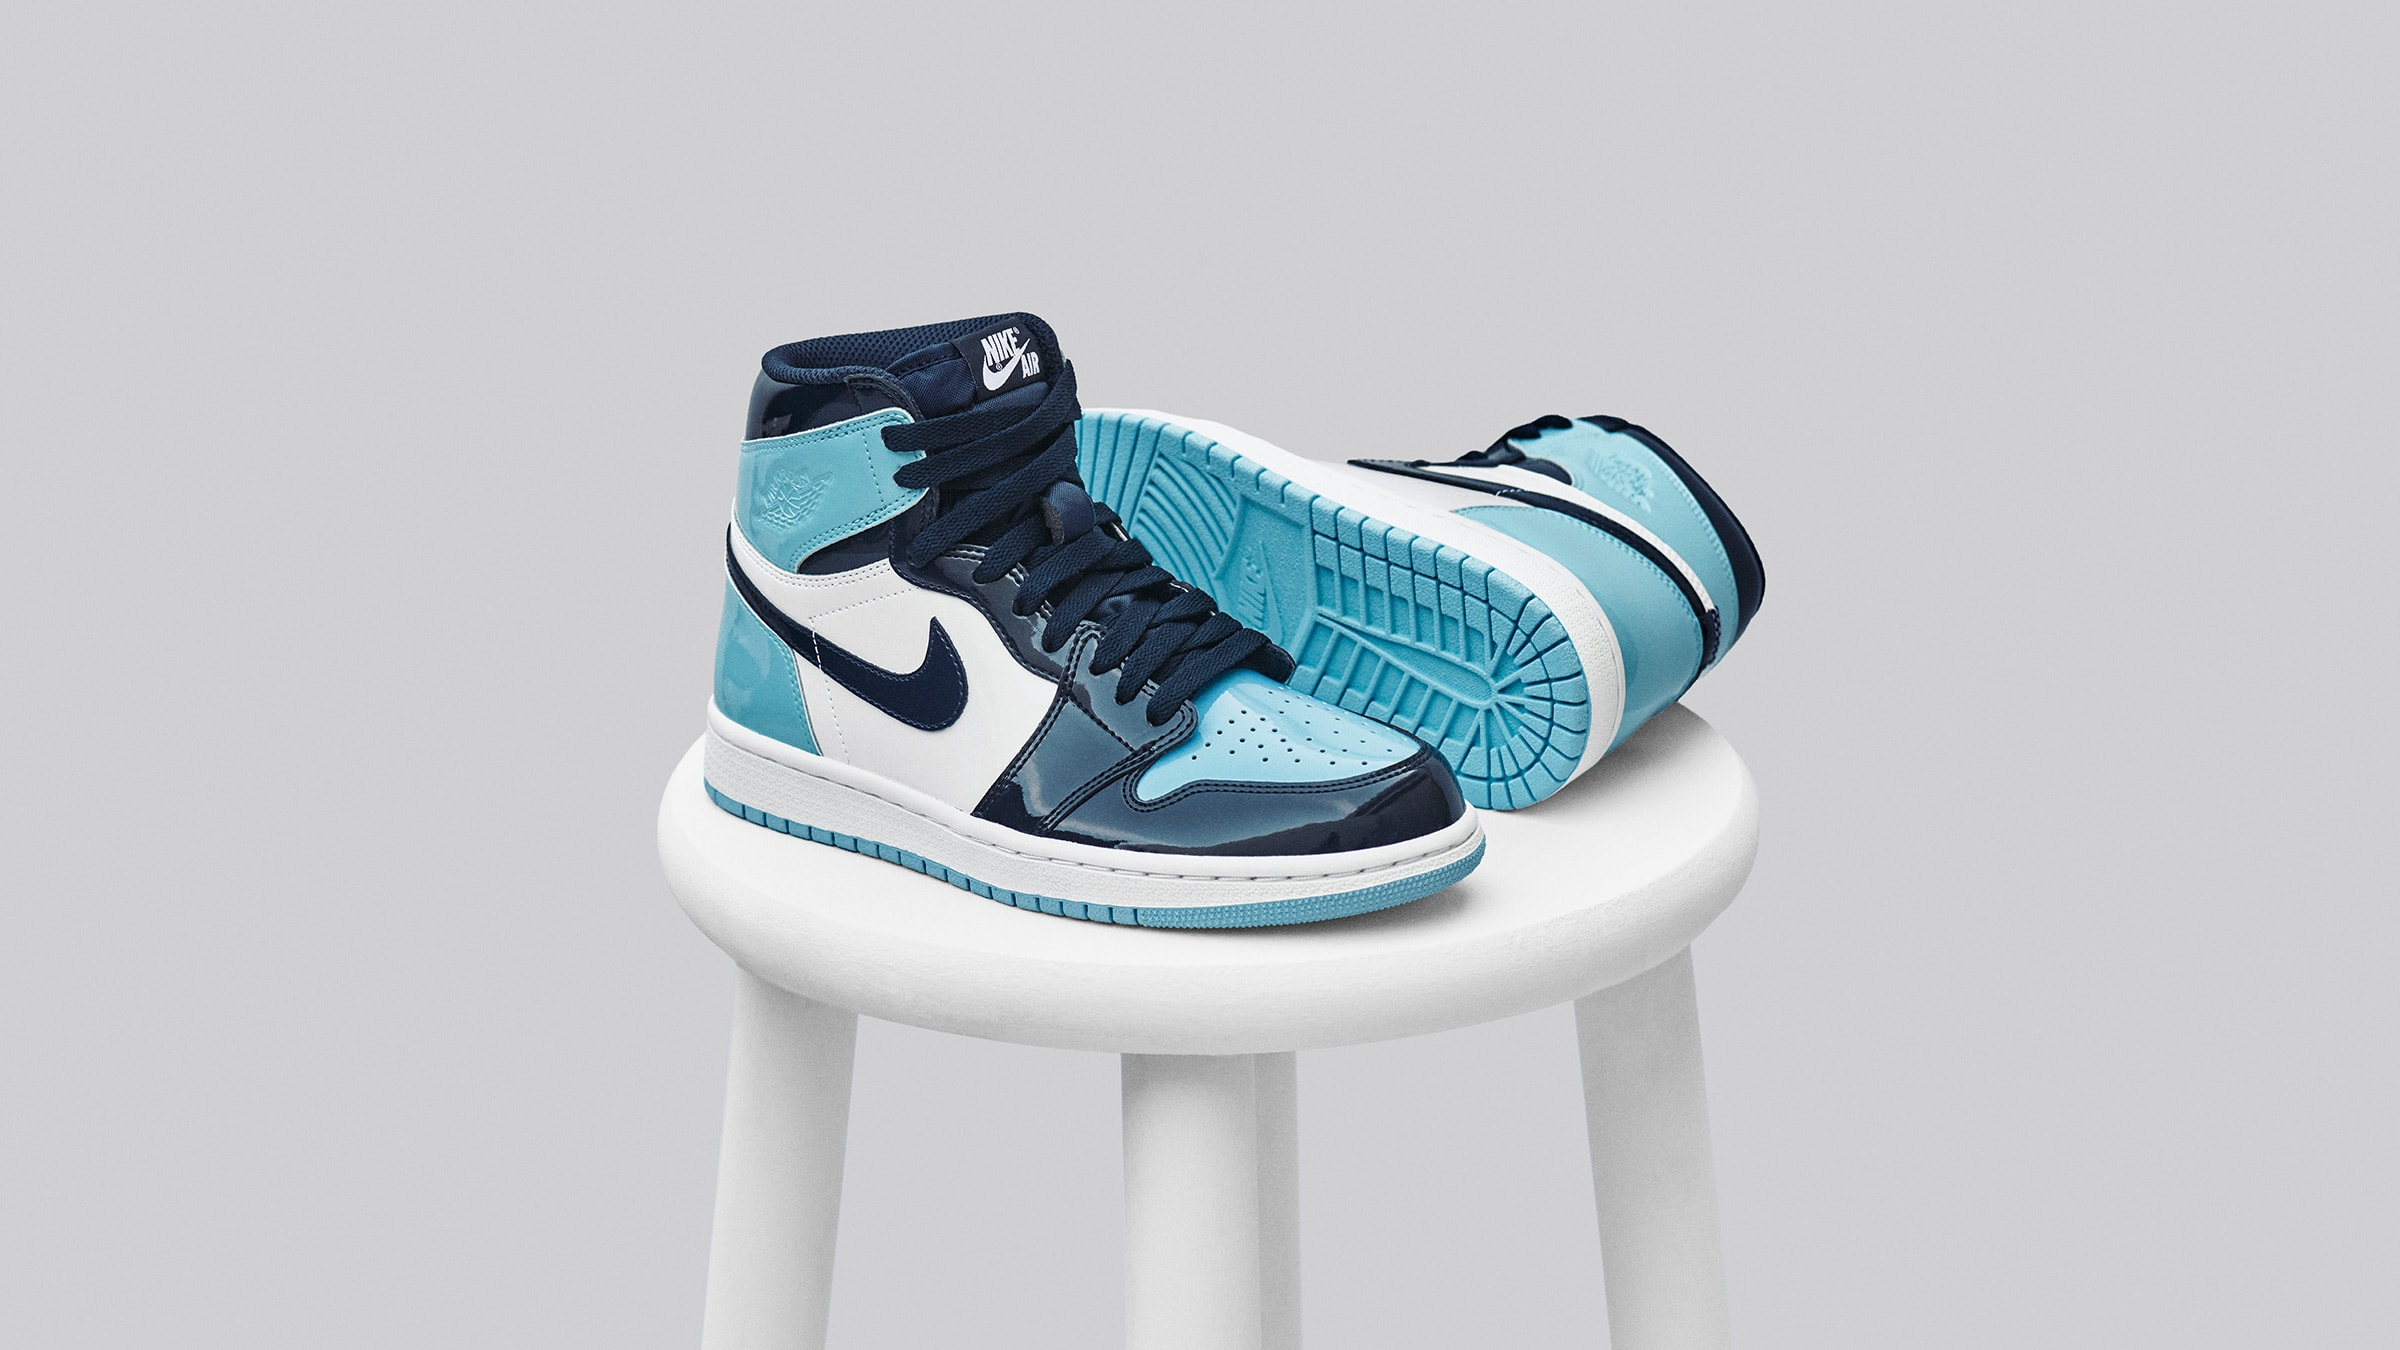 Air Jordan 1 Retro High Og W Obsidian Blue Chill White